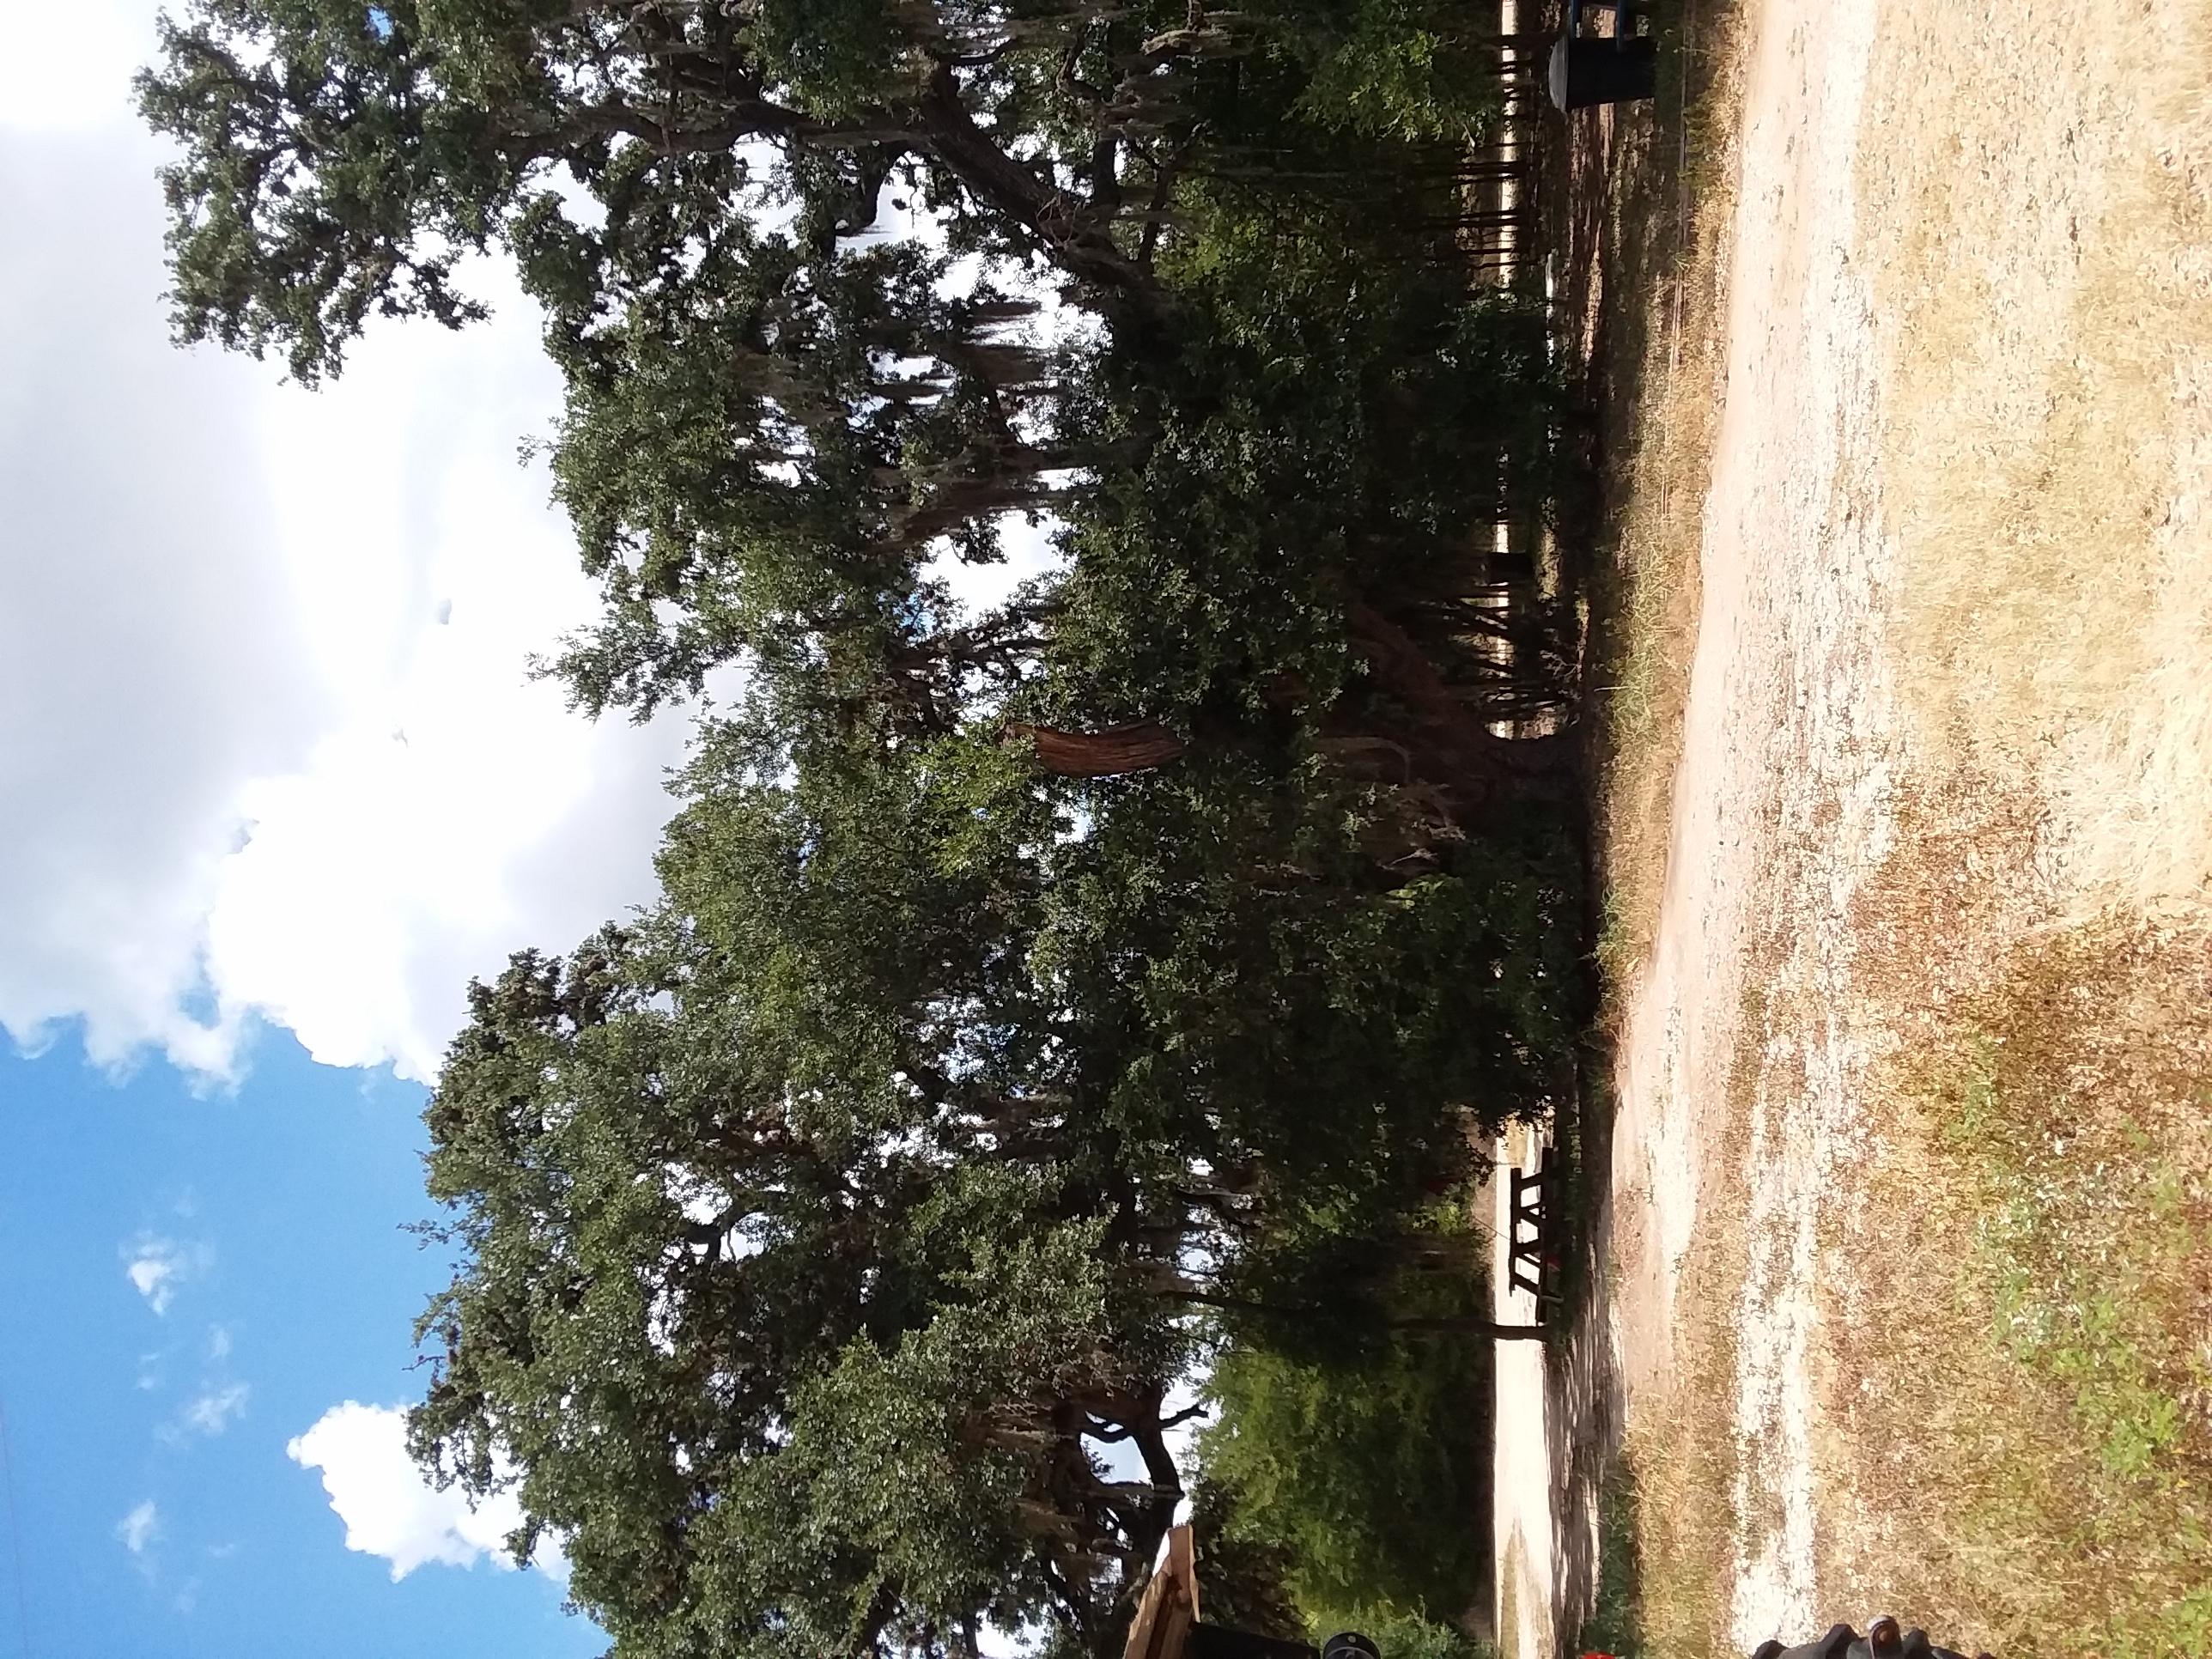 Trailer park rental